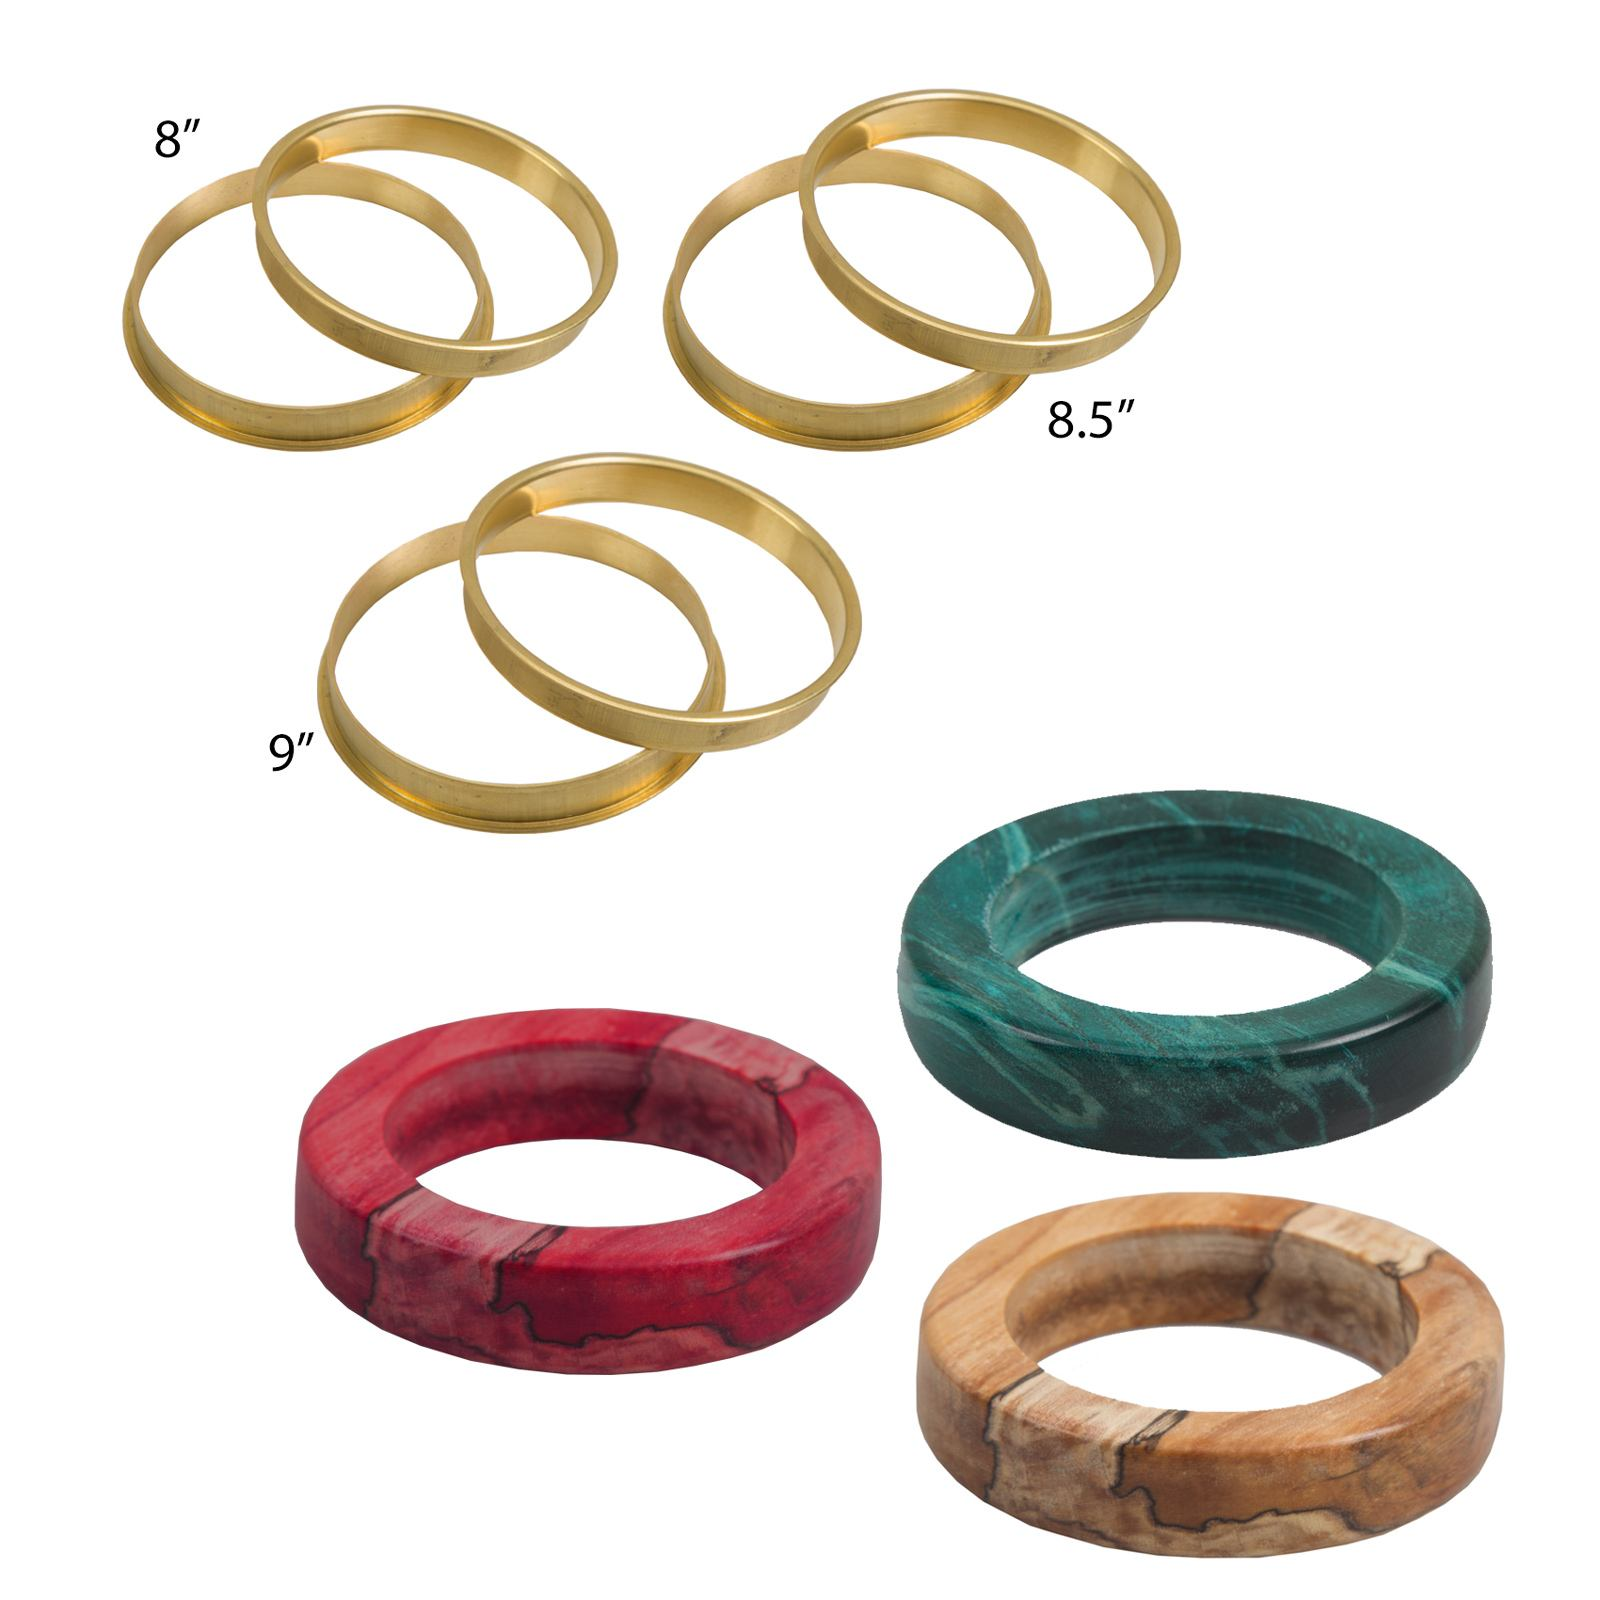 3 bangle bracelet kit and blank sler pack at penn state